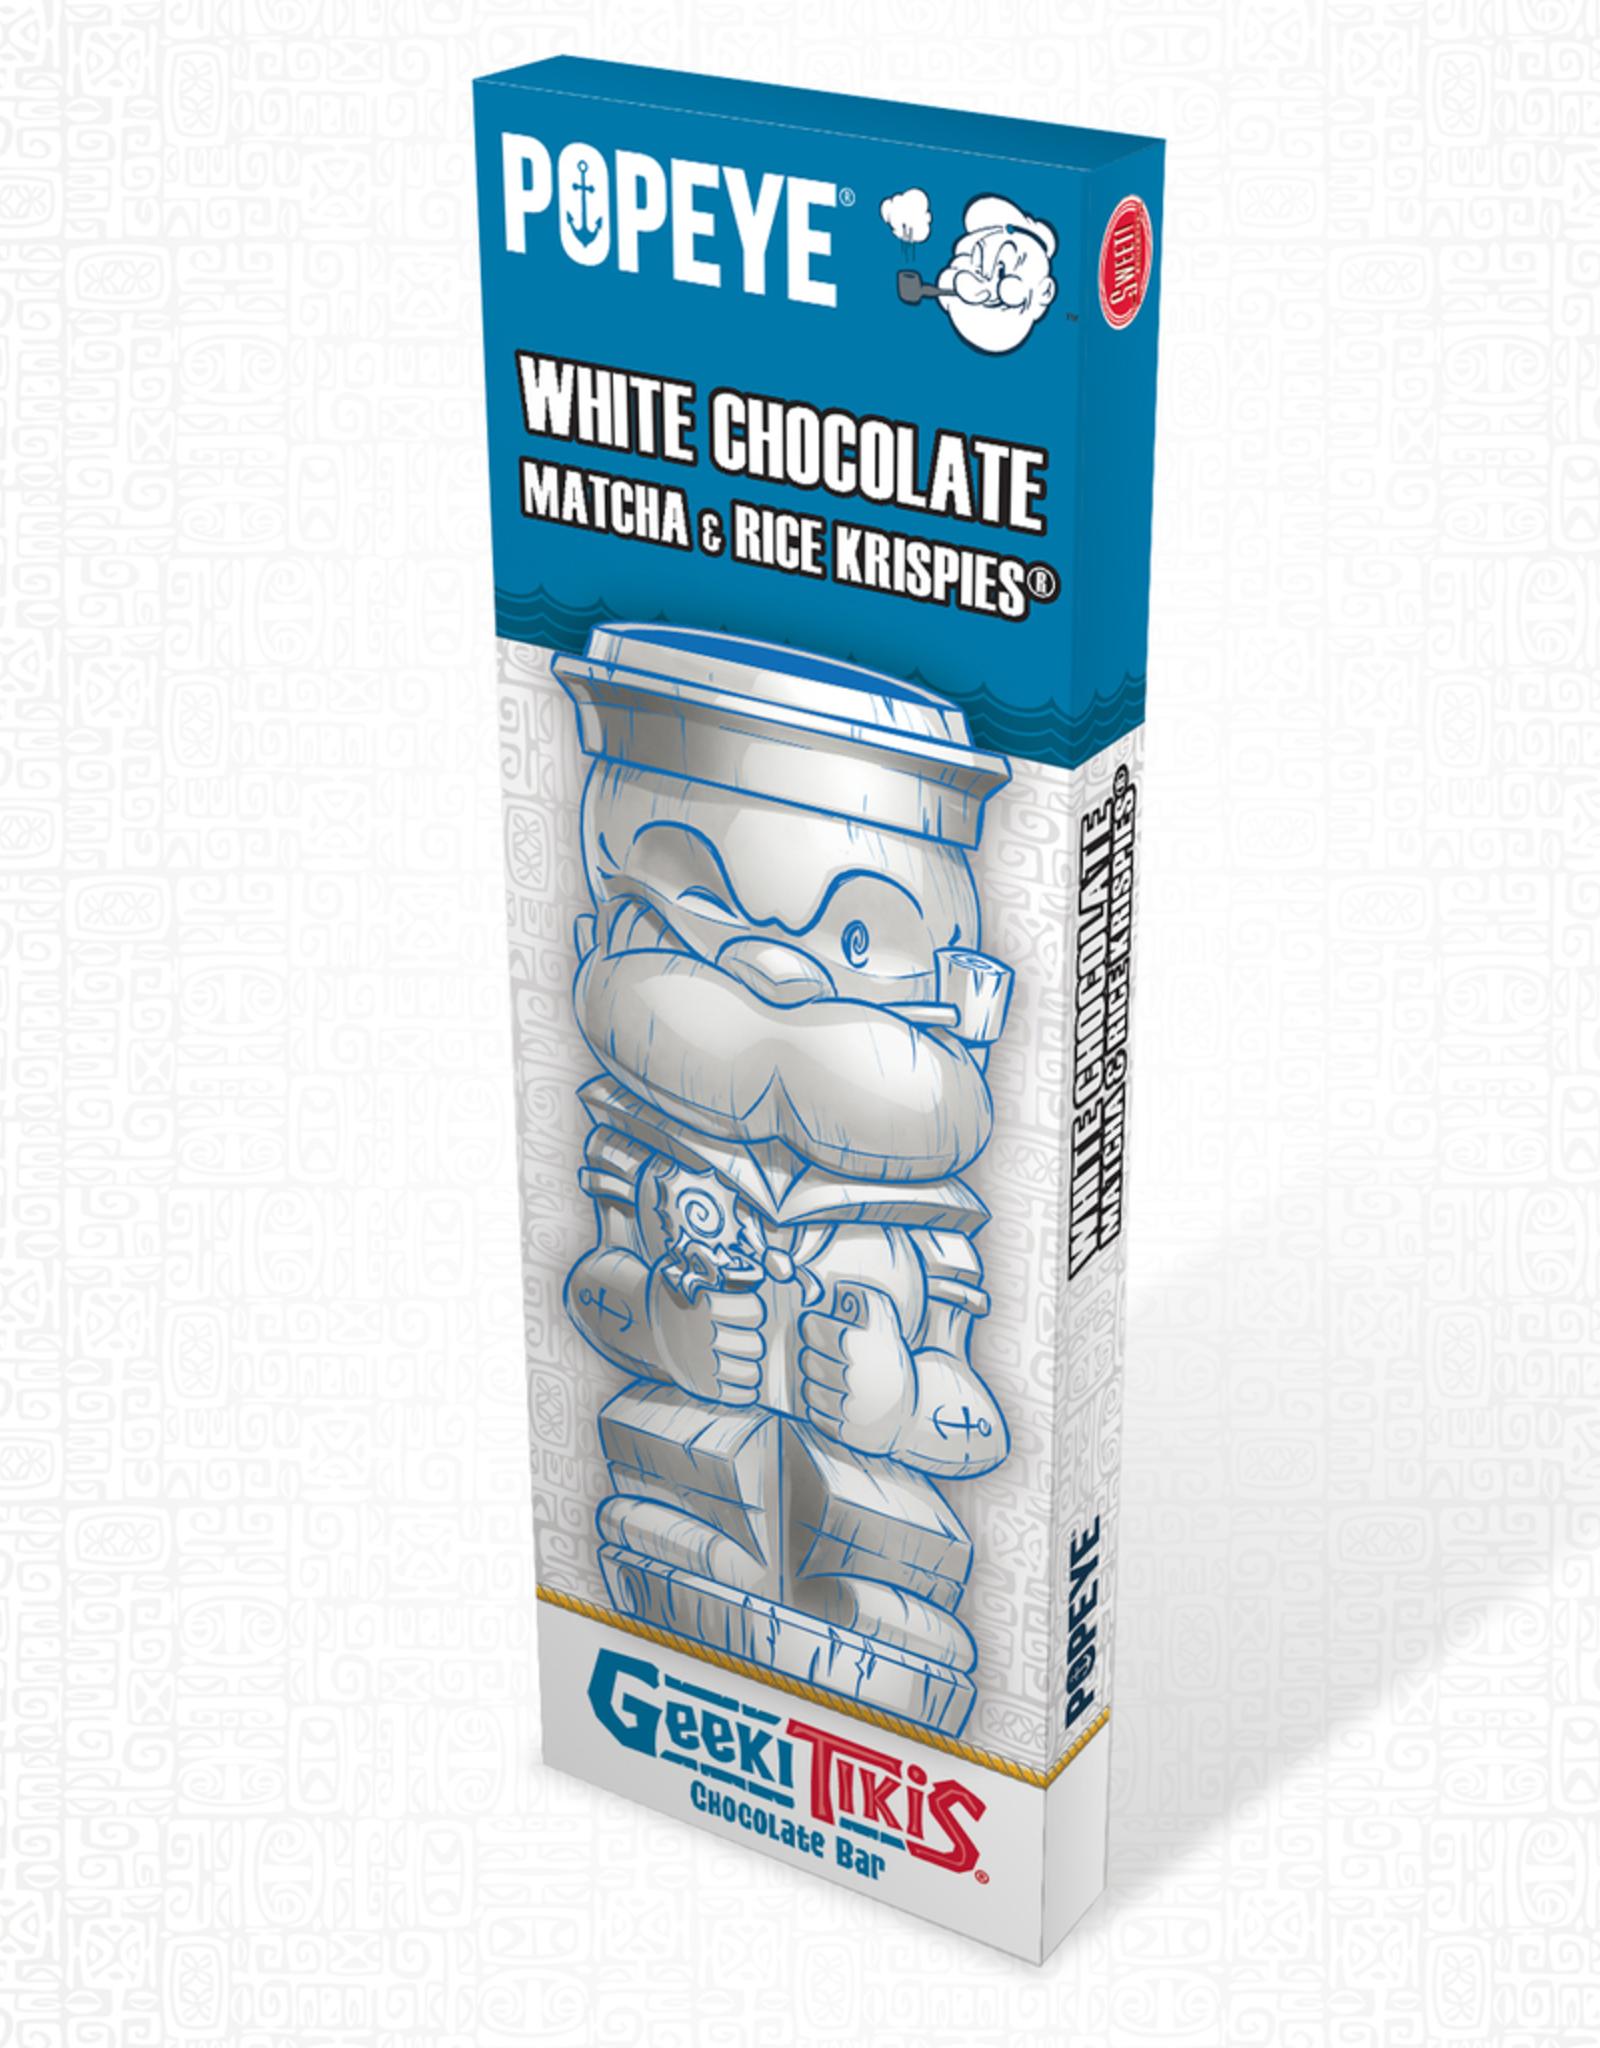 Popeye Geeki Tikis Popeye Chocolate Bar White Chocolate, Matcha, Rice Krispies